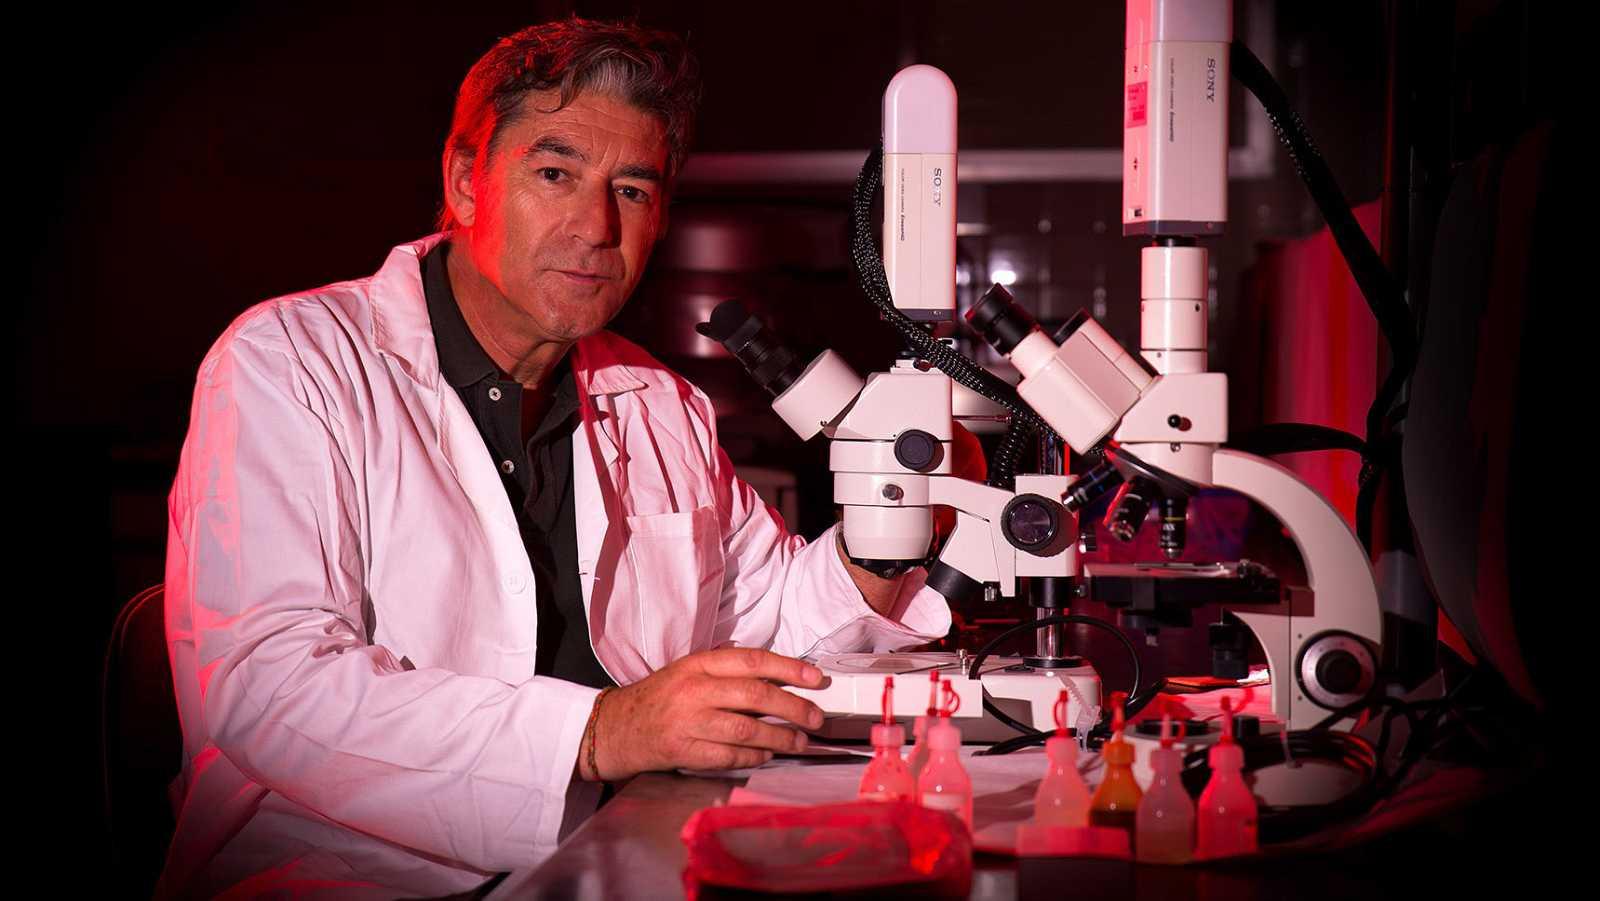 Luis Monje, biólogo y profesor de fotografía científica.